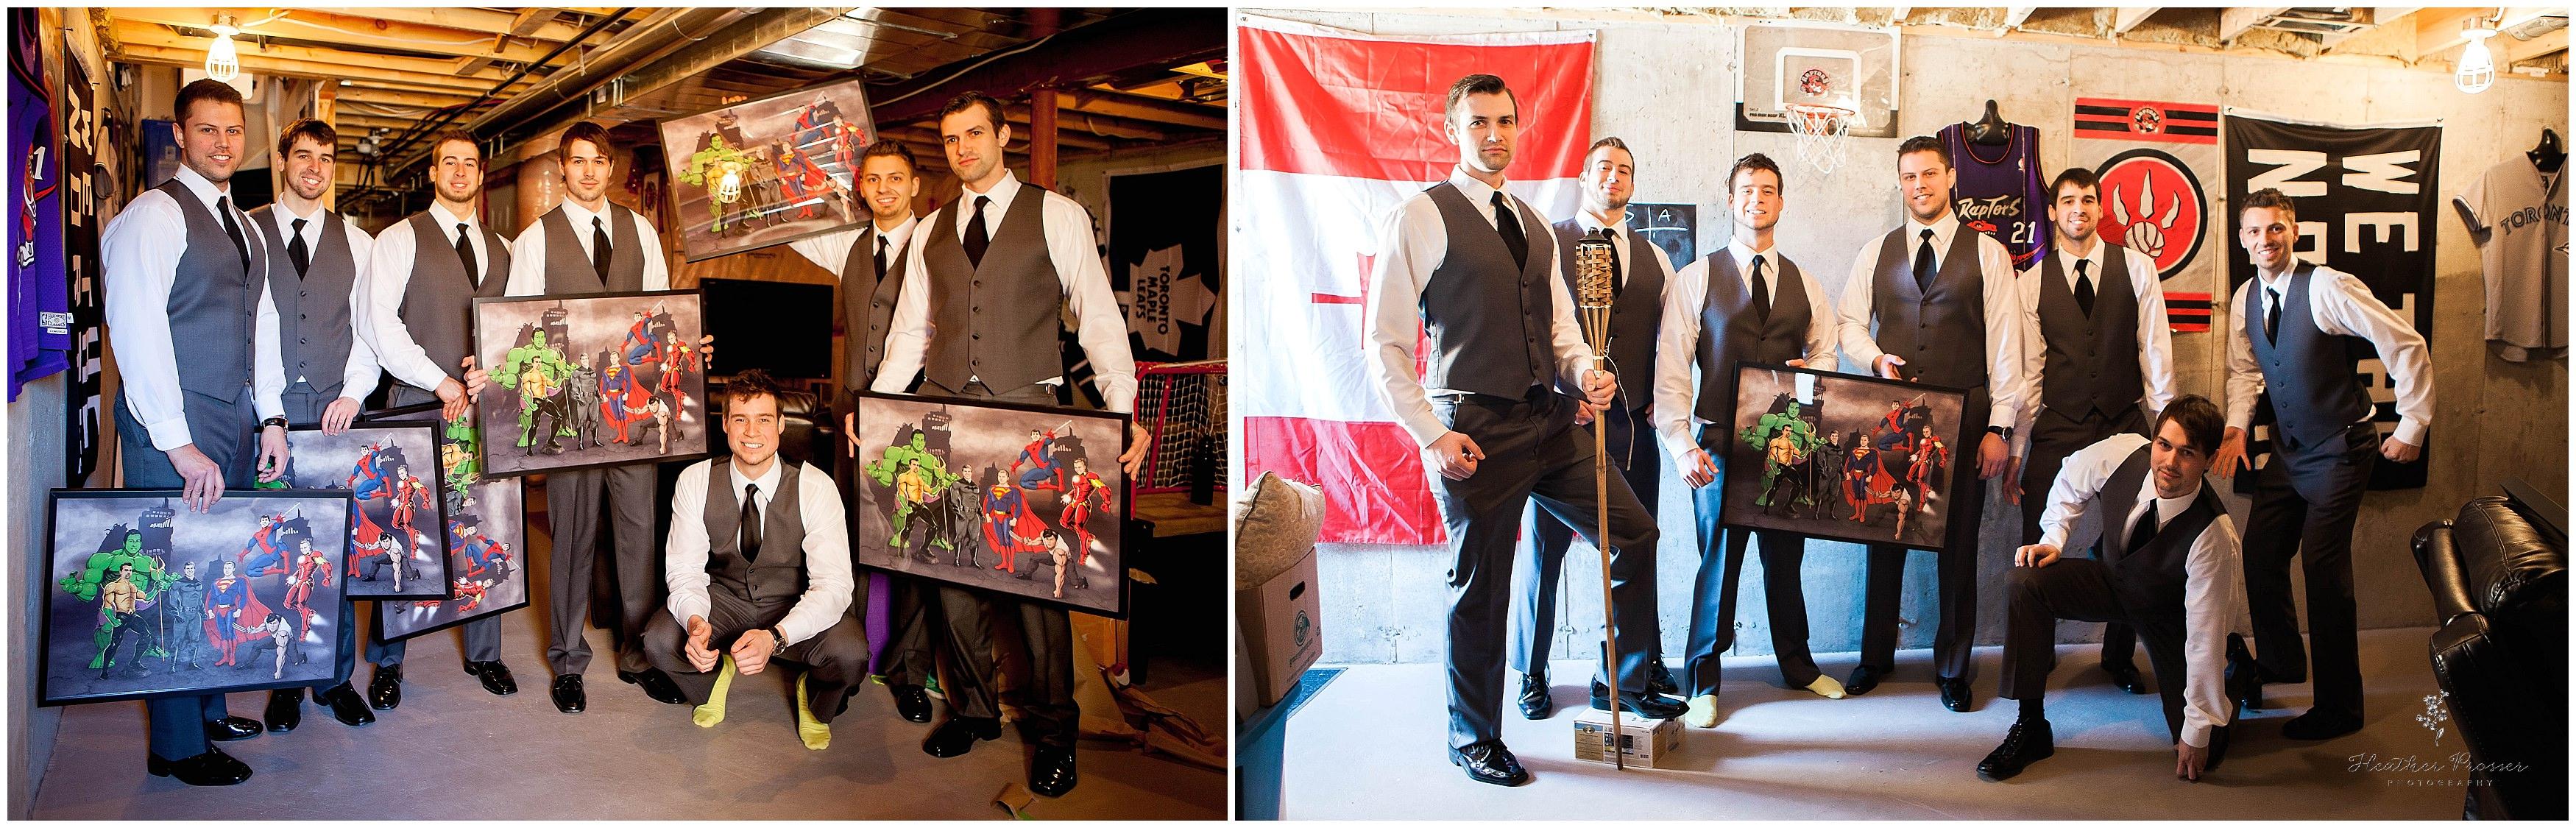 NestletonWatersInn-wedding_0134.jpg